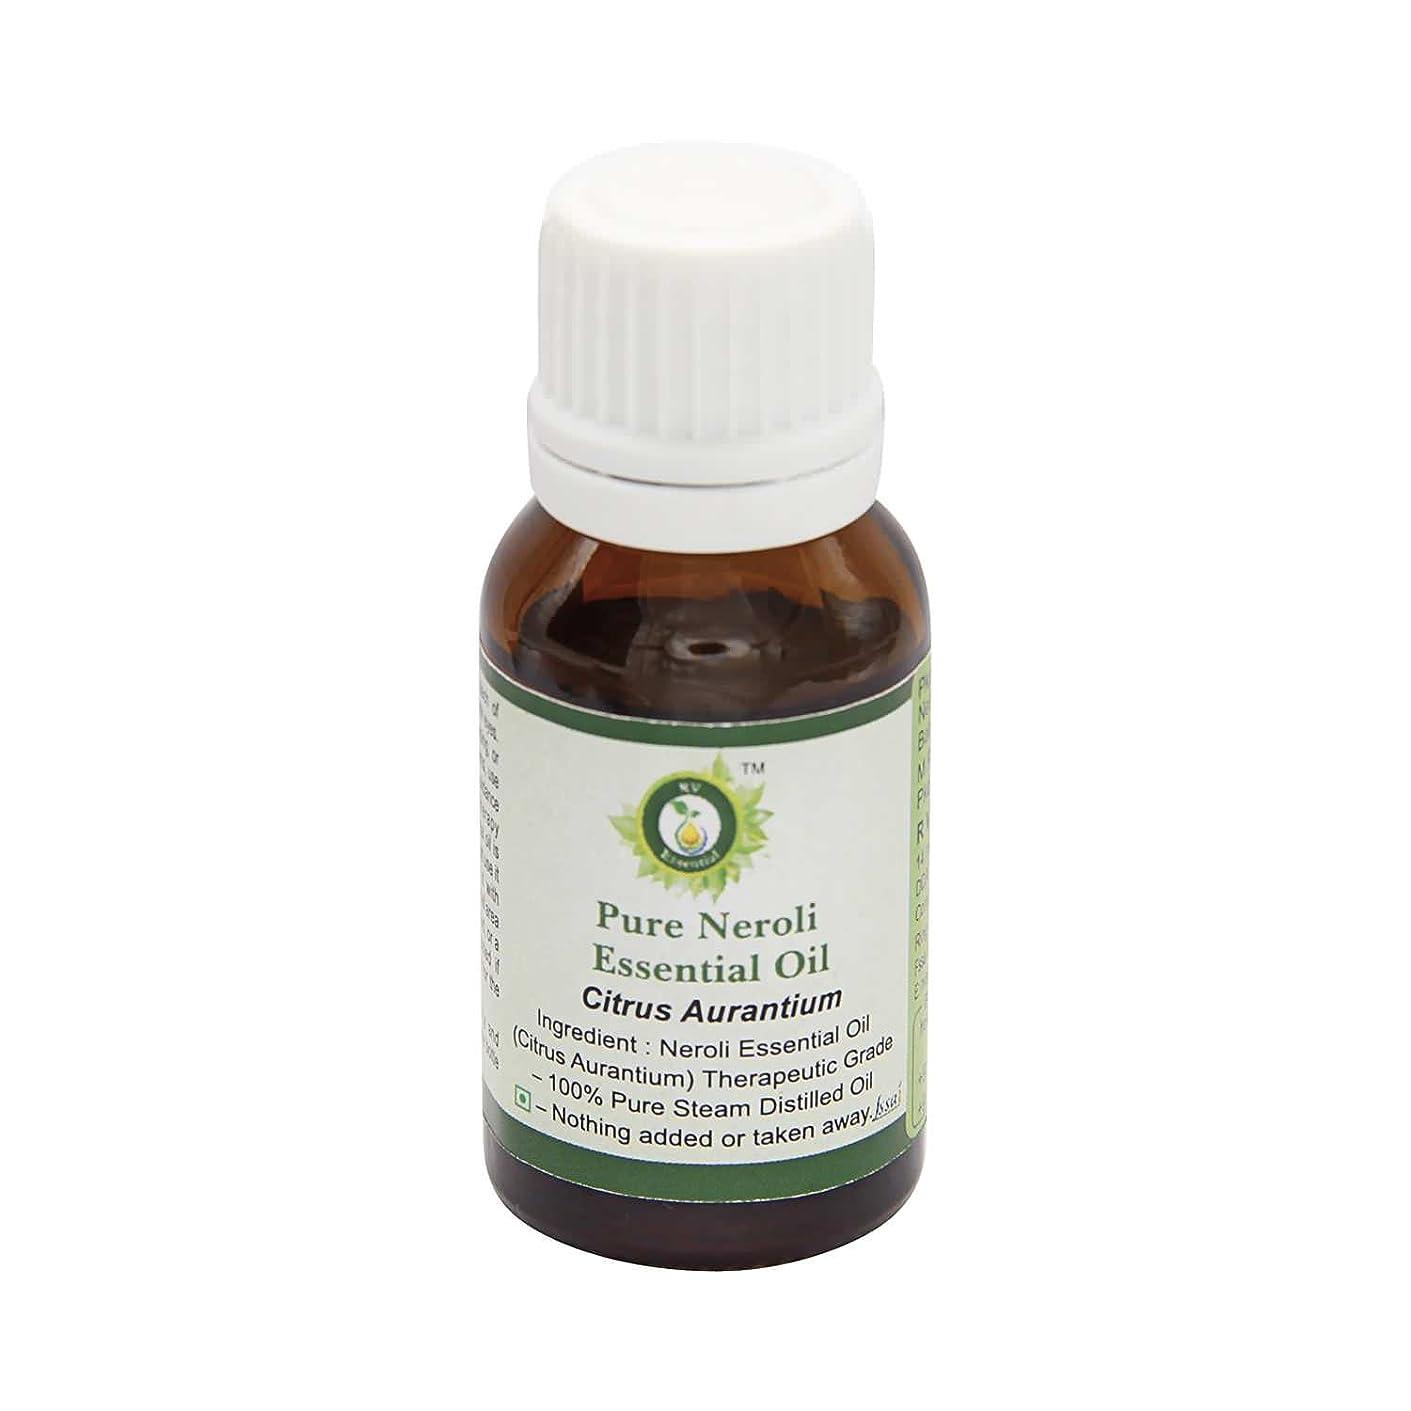 エーカー疑わしい帝国R V Essential ピュアネロリエッセンシャルオイル15ml (0.507oz)- Citrus Aurantium (100%純粋&天然スチームDistilled) Pure Neroli Essential Oil